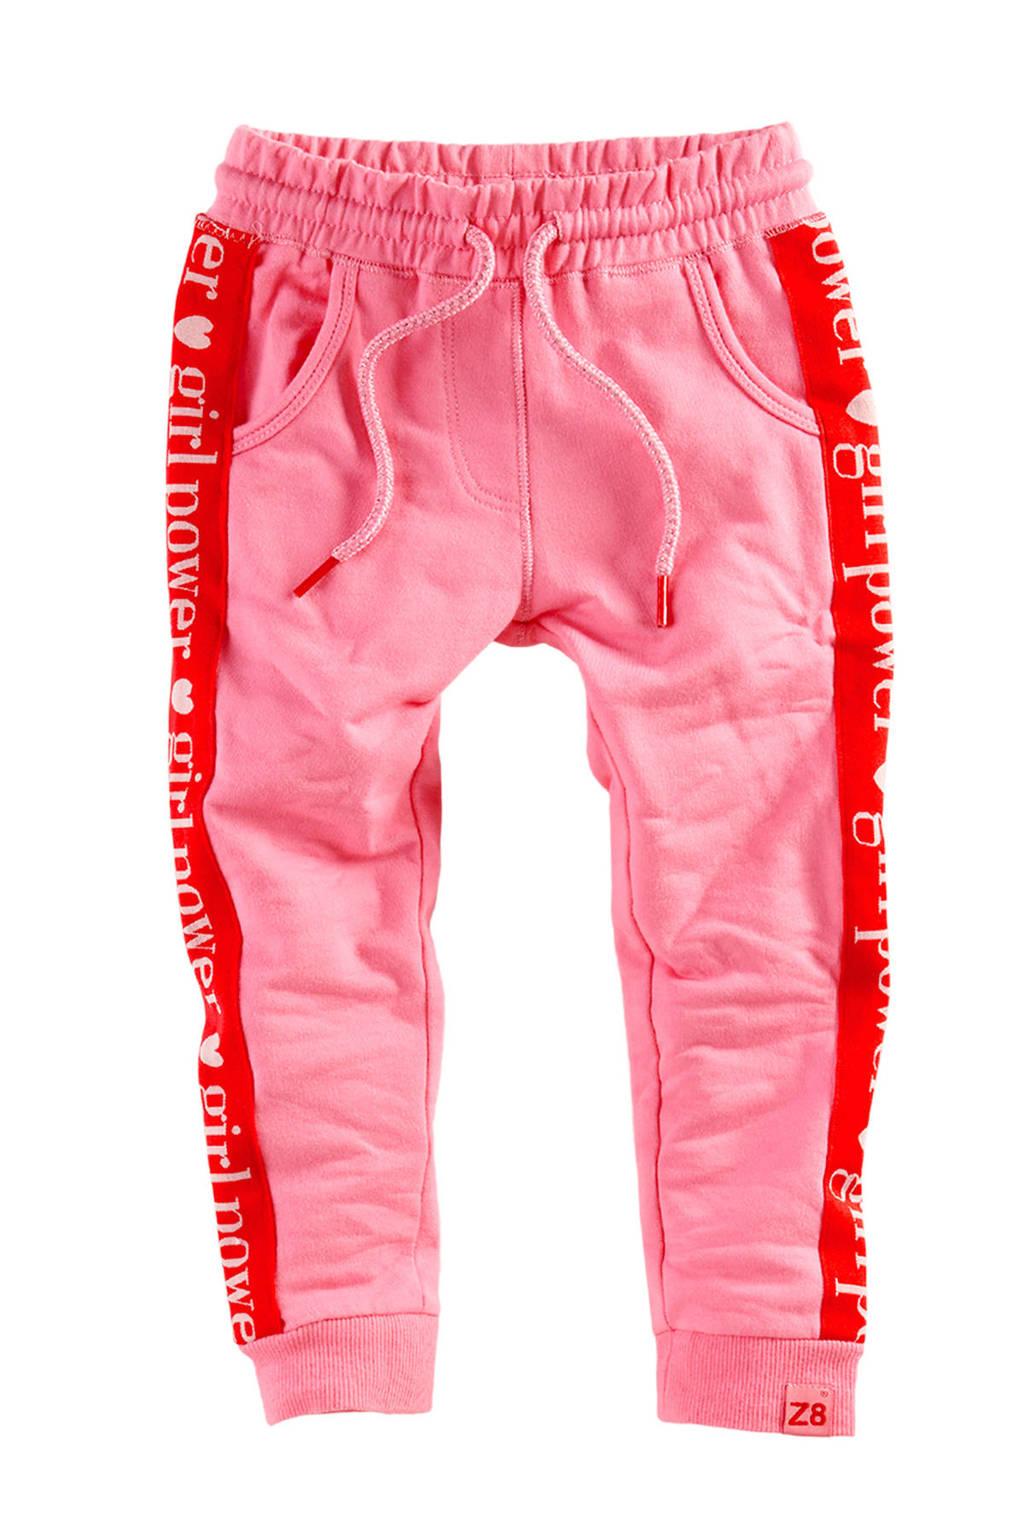 Z8 sweatpants Marije met zijstreep roze, Roze/rood